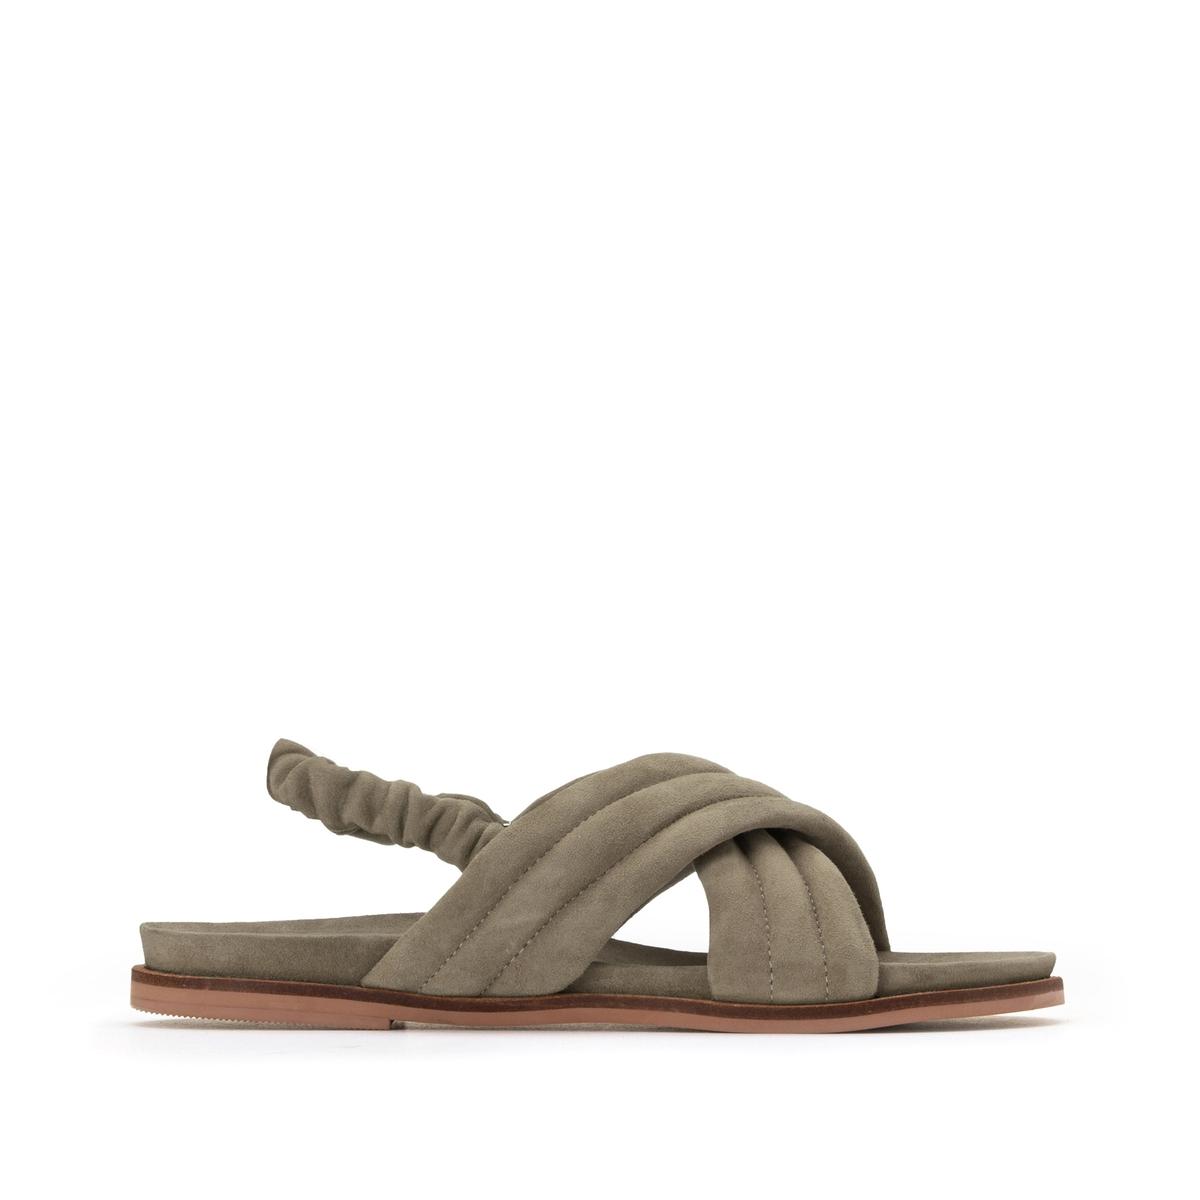 Sandalias de piel con correas cruzadas y tacón plano